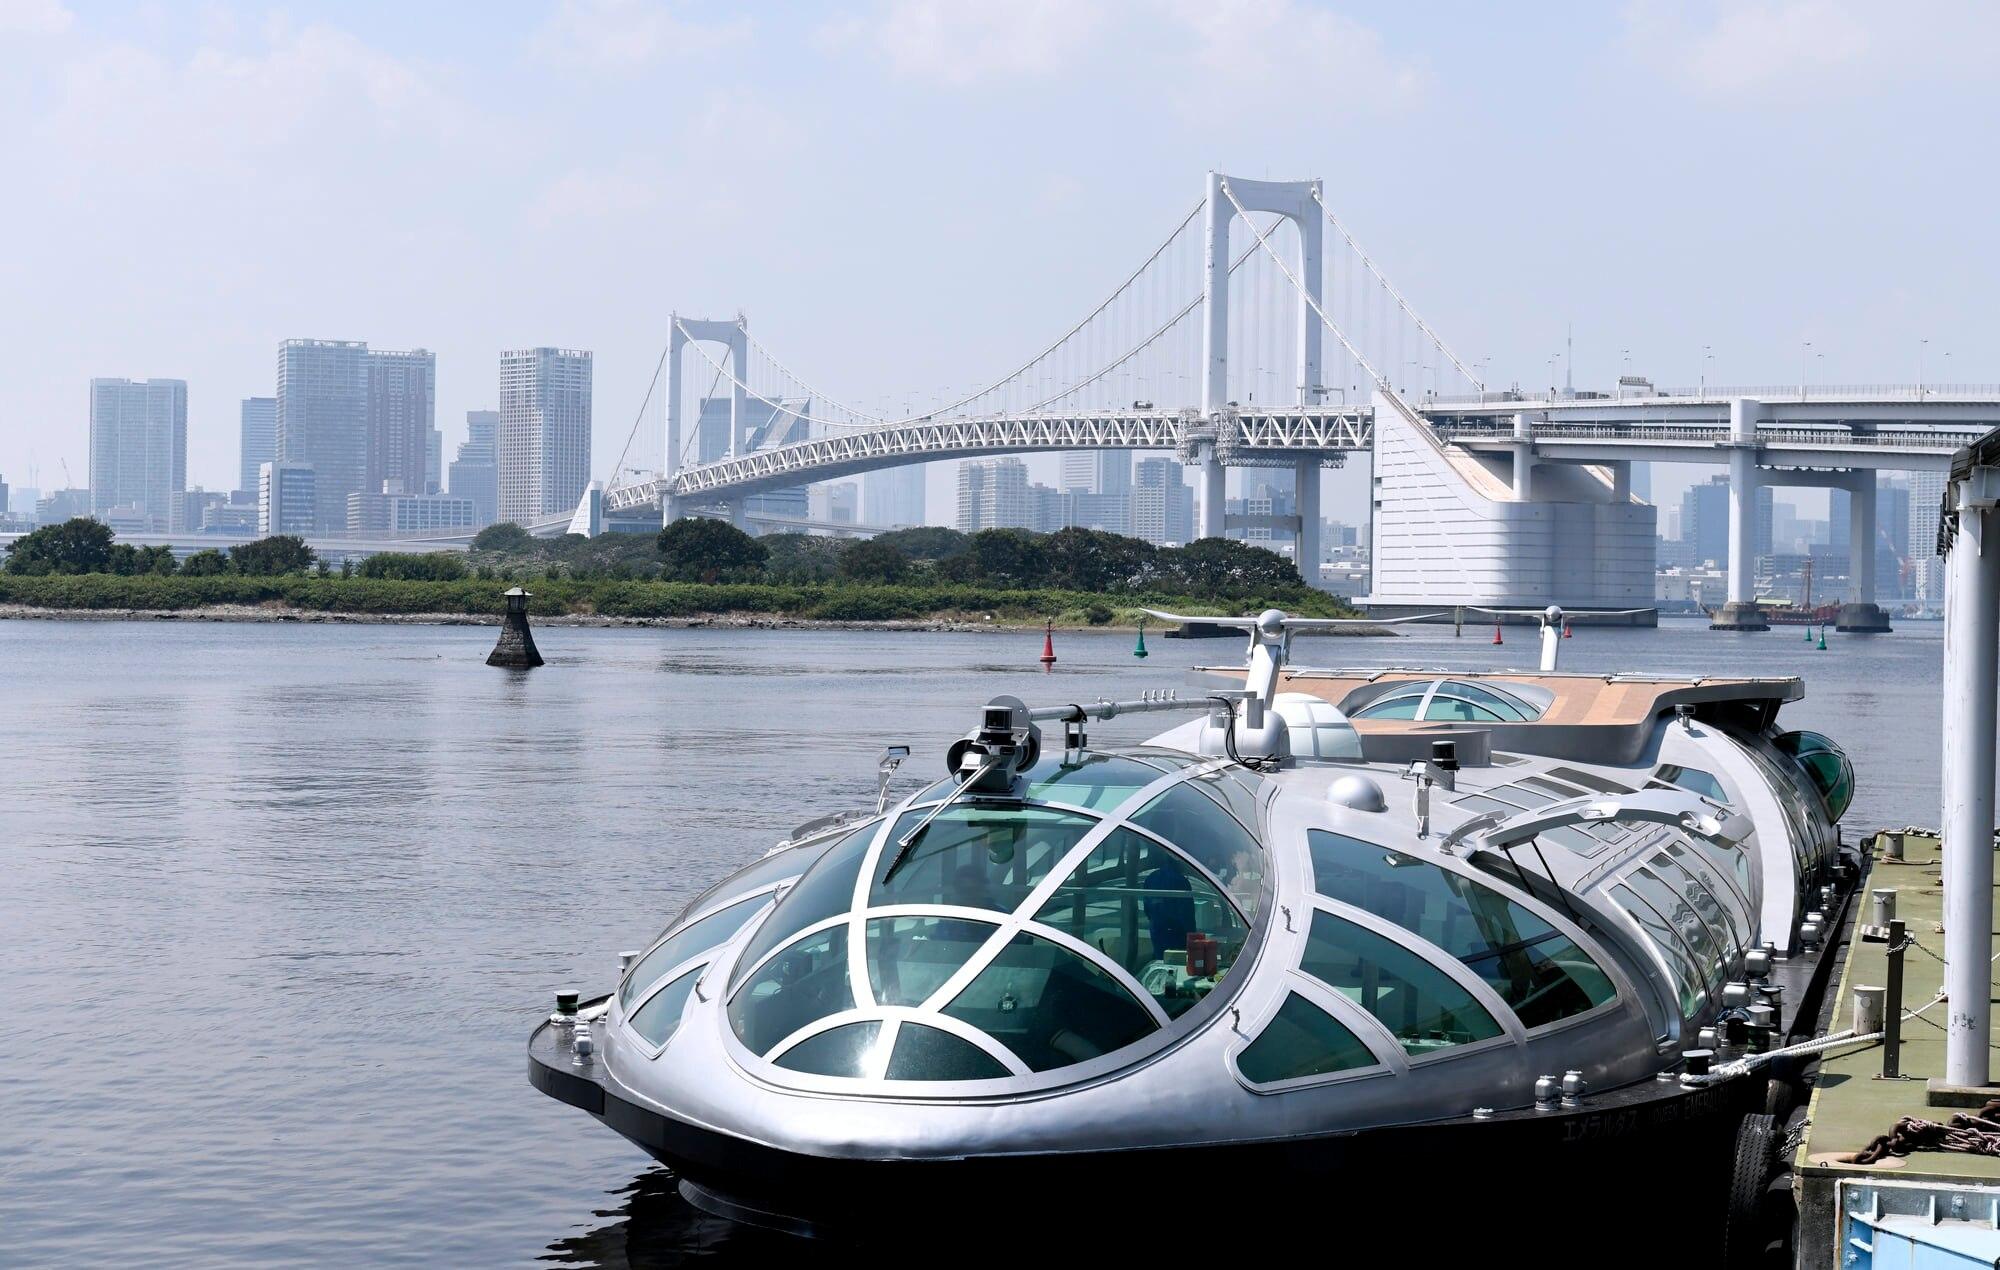 その姿は宇宙船!浅草からTOKYO CRUISEに乗って観光しよう